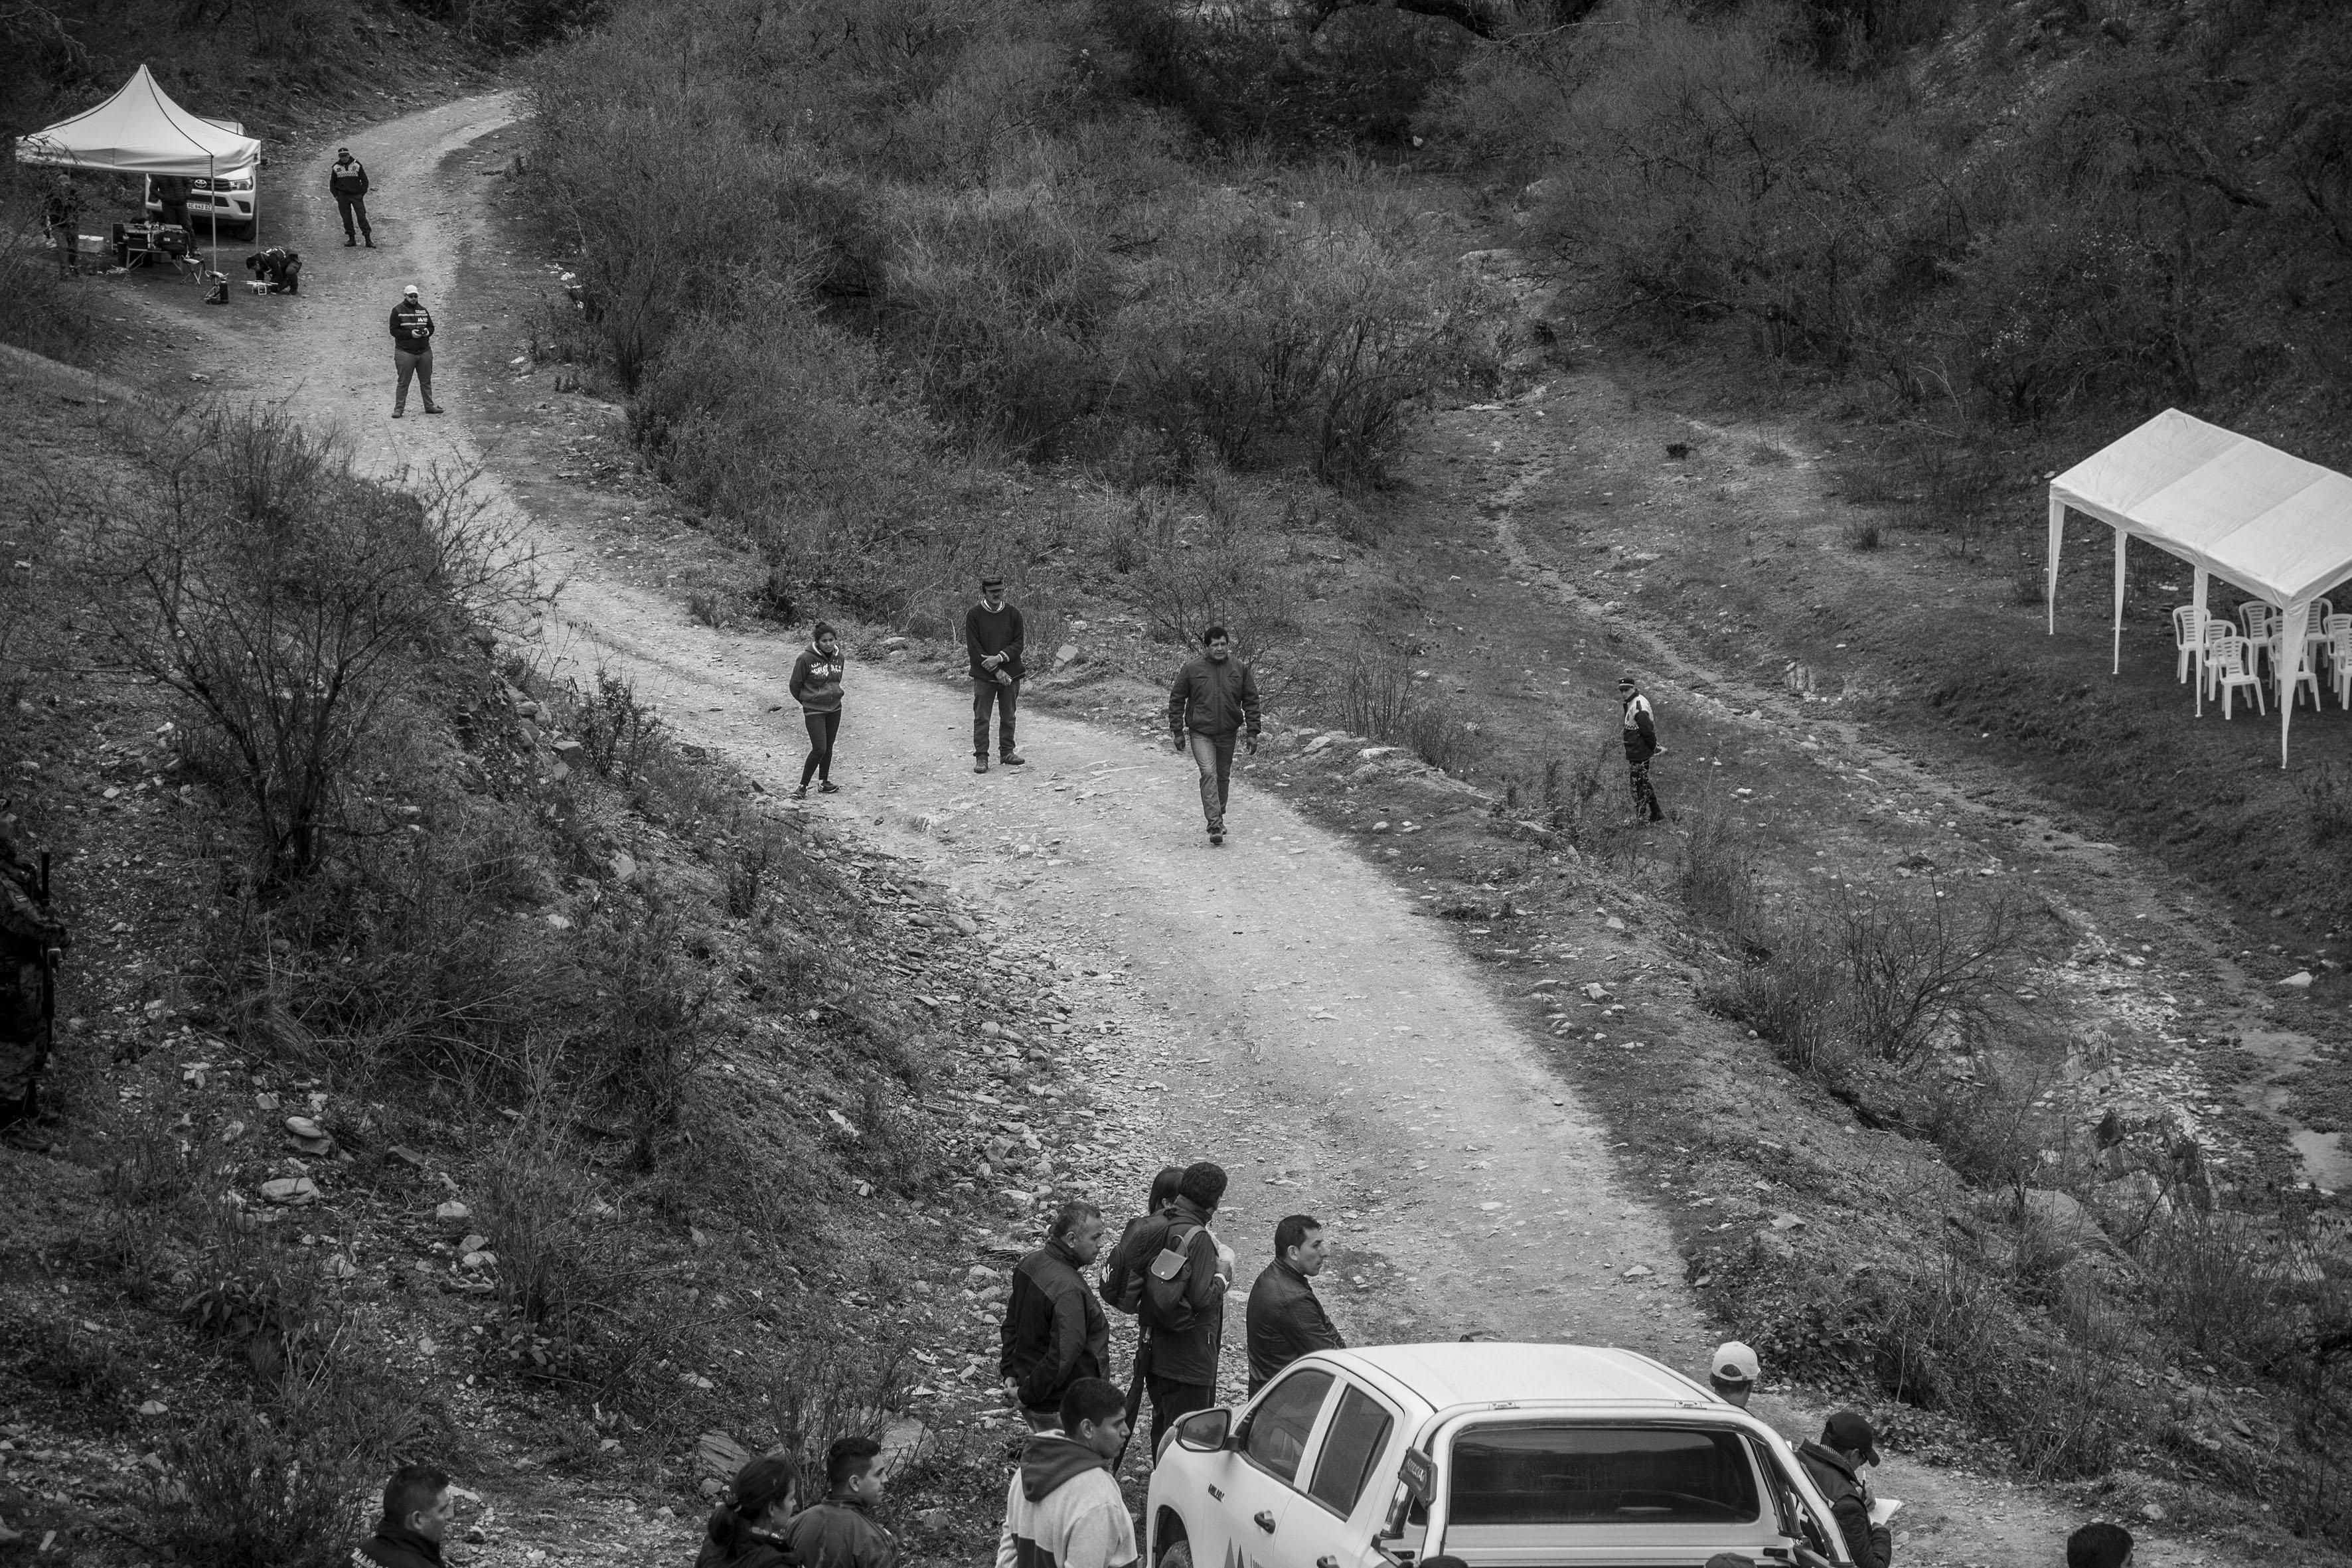 El Chorro, Tucumán, Argentina. Octubre 02/2018. Reconstrucción del asesinato a Javier Chocobar. Testigos Lucrecia Cata (izq), Delfín Cata y Emilio mamaní, se preparan para empezar la reconstrucción.